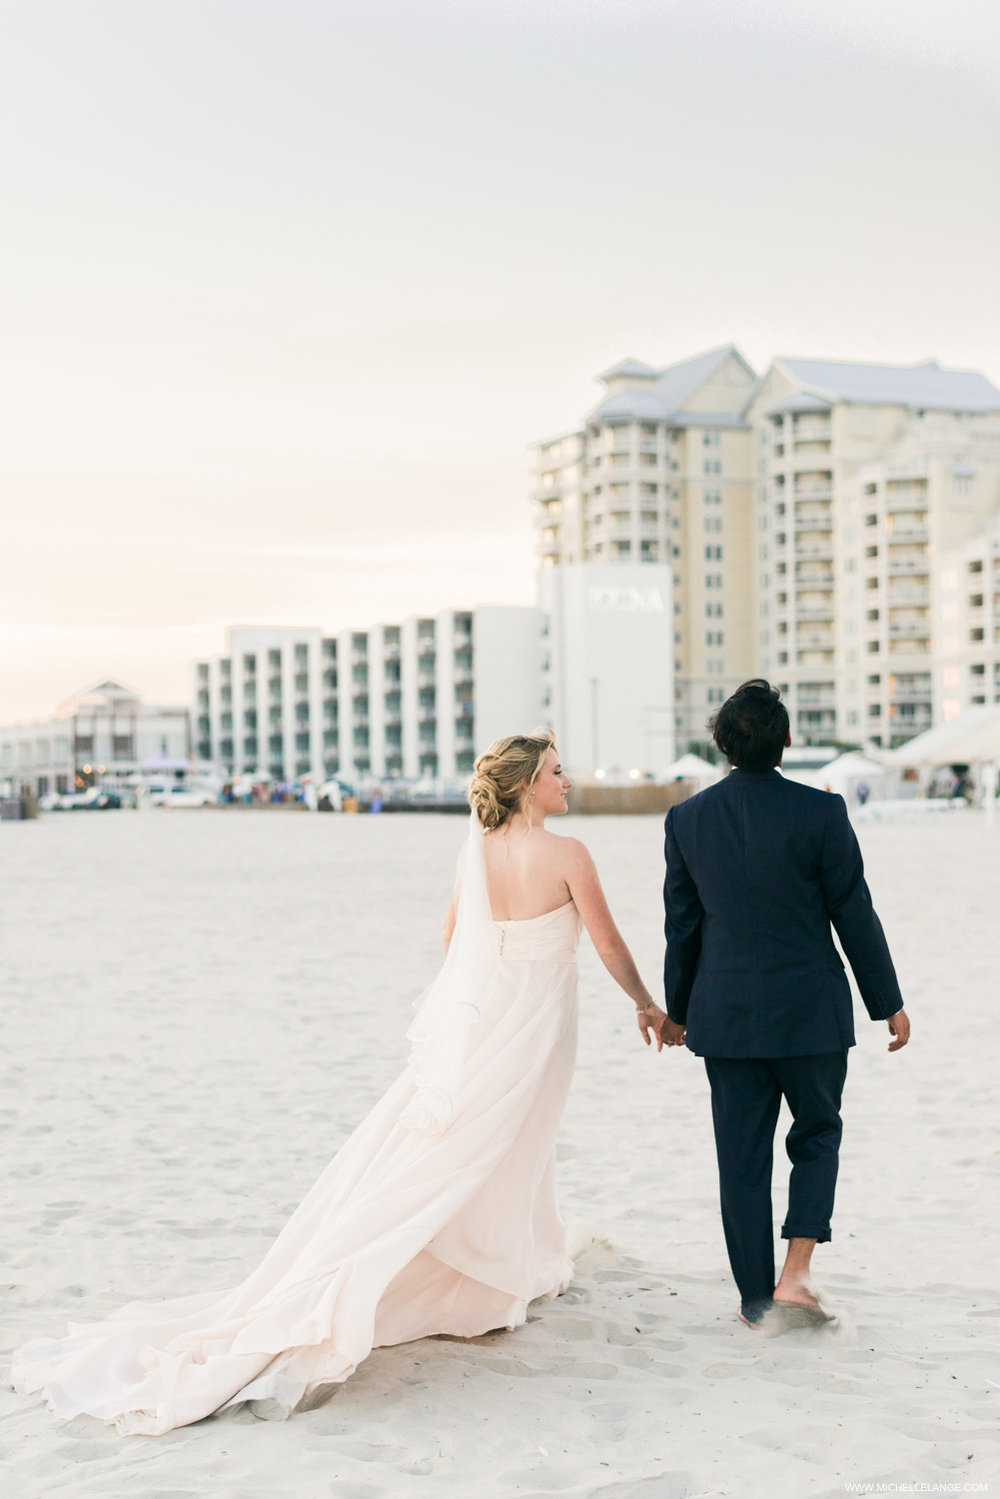 NJ Wedding at Hotel Icona Cape May Beach